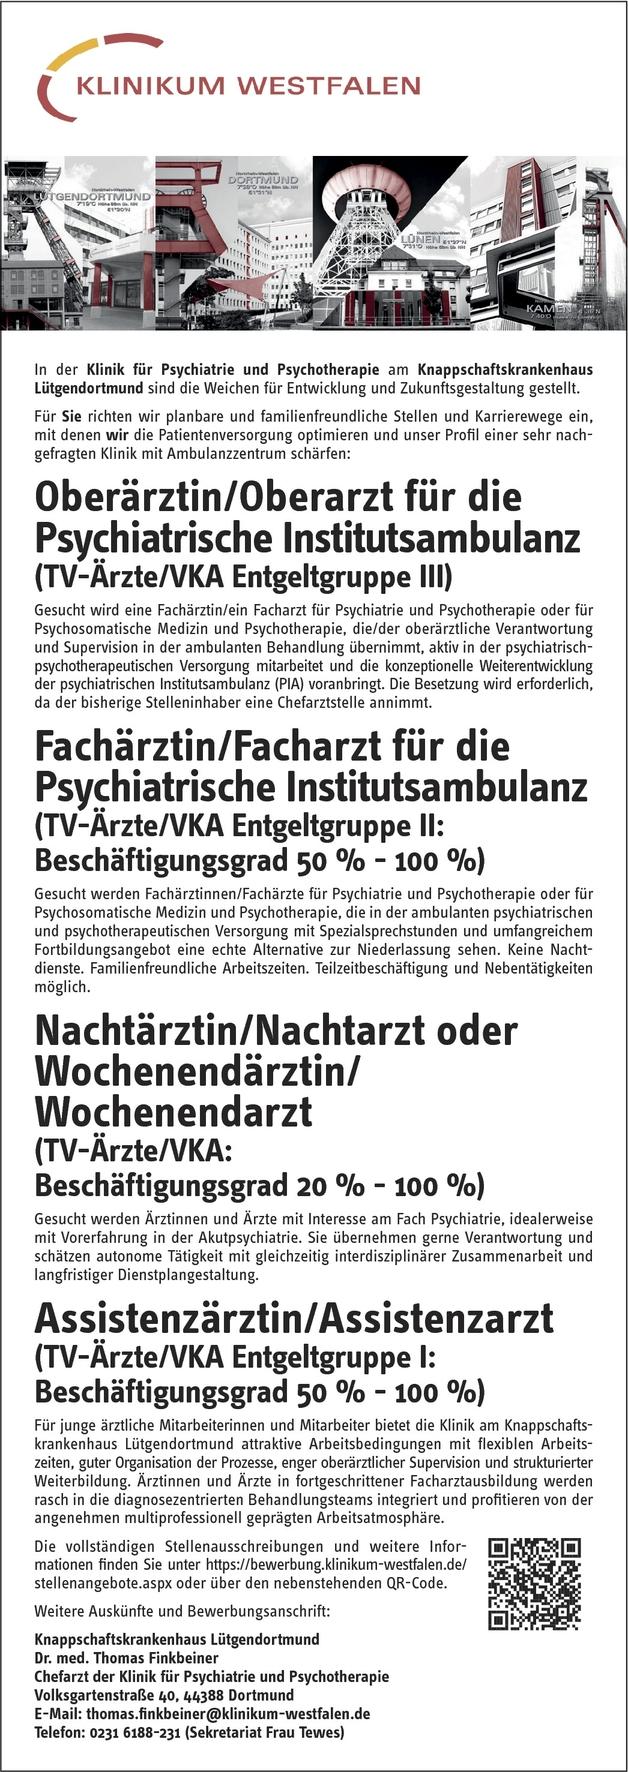 Ausgezeichnet Frische Mbbs Arzt Lebenslauf Probe Galerie - Entry ...